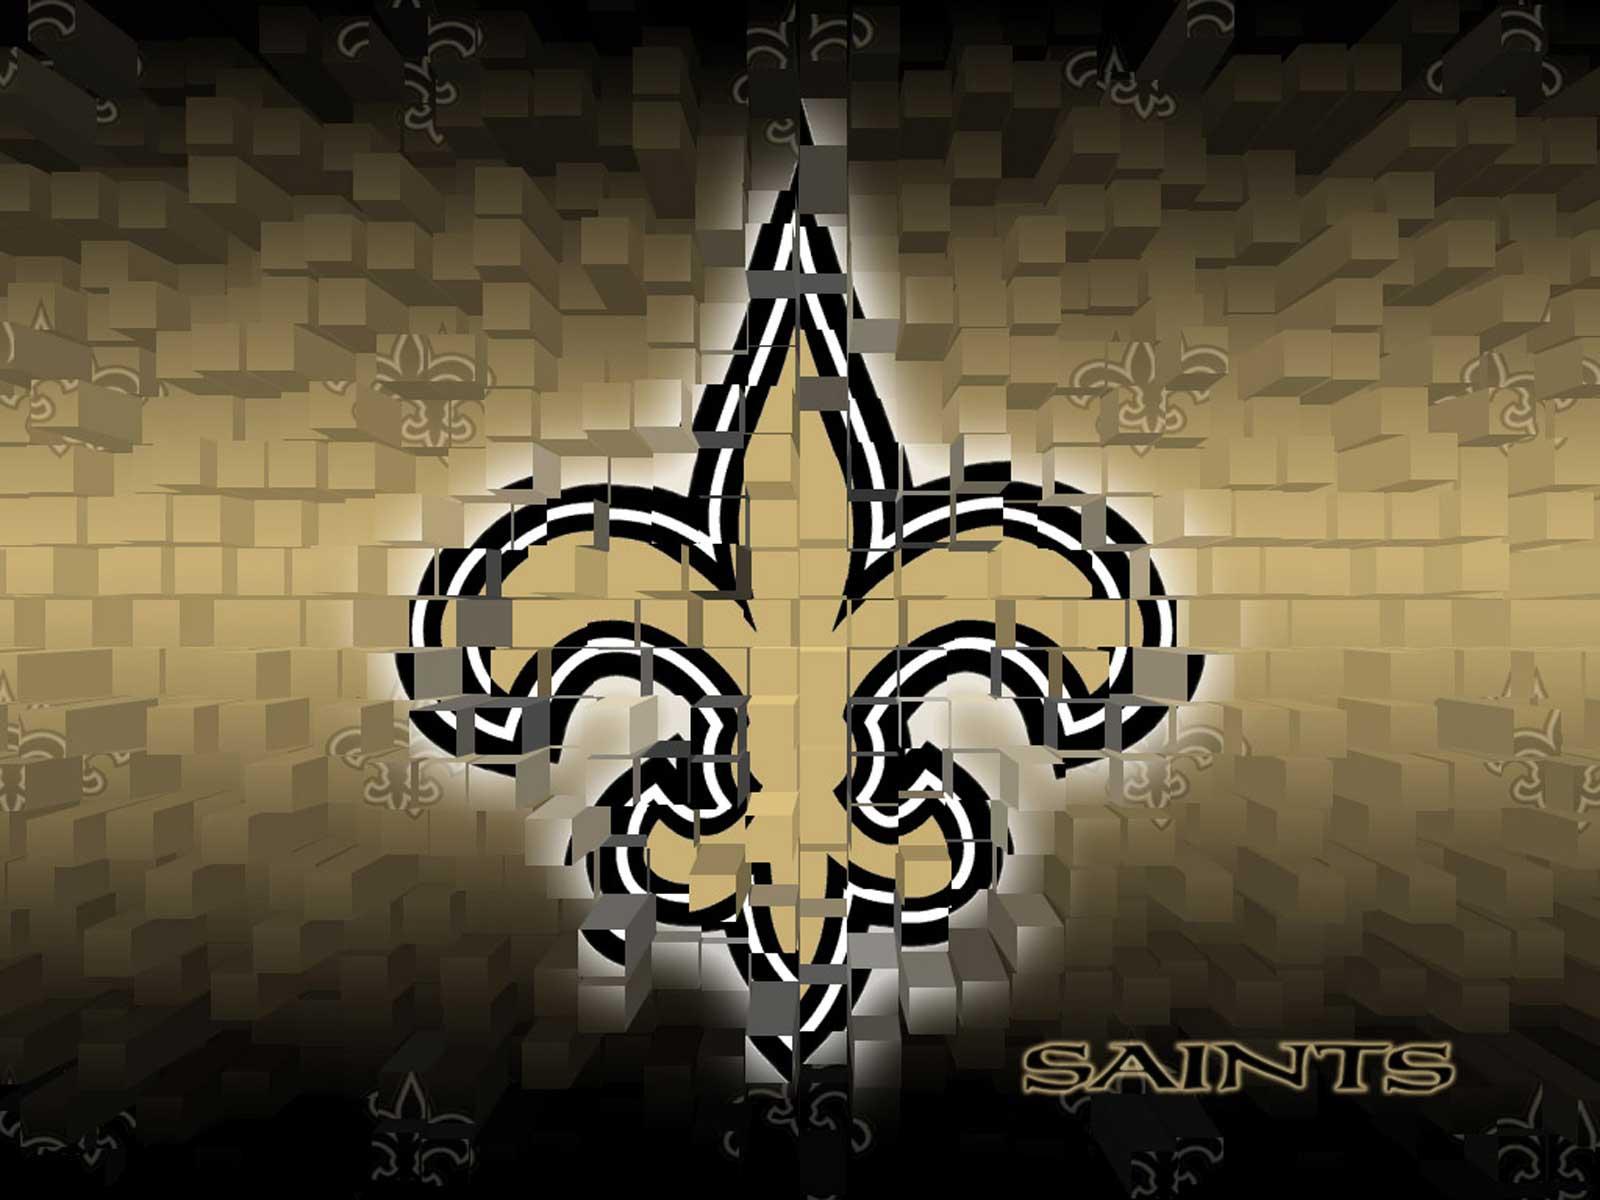 New Orleans Saints wallpaper desktop wallpaper New Orleans Saints 1600x1200